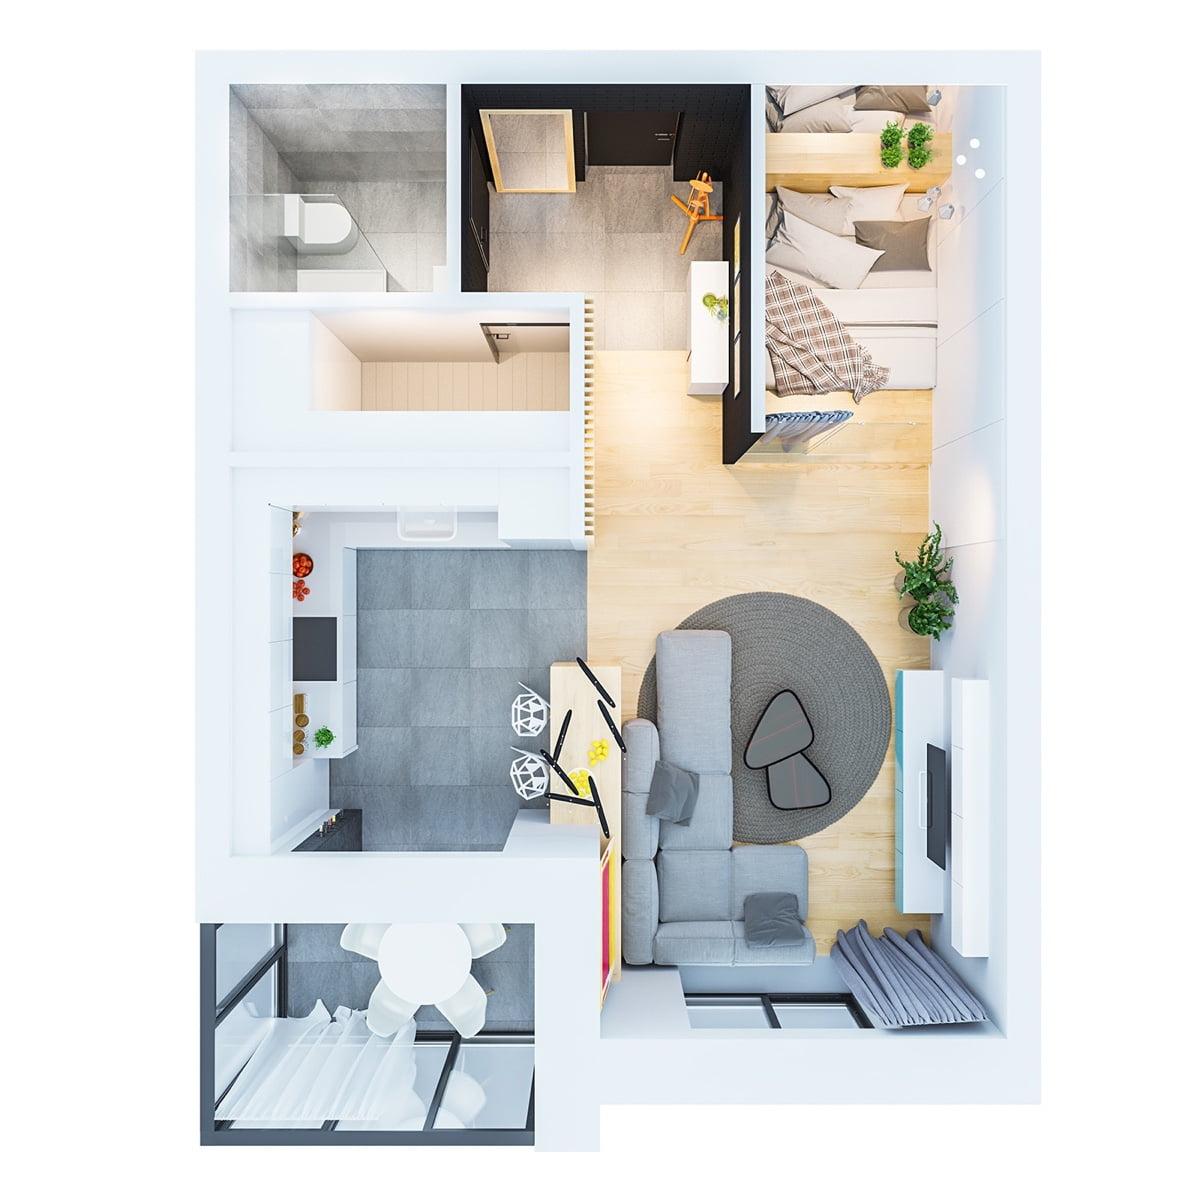 mẫu thiết kế căn hộ diện tích nhỏ đẹp 19